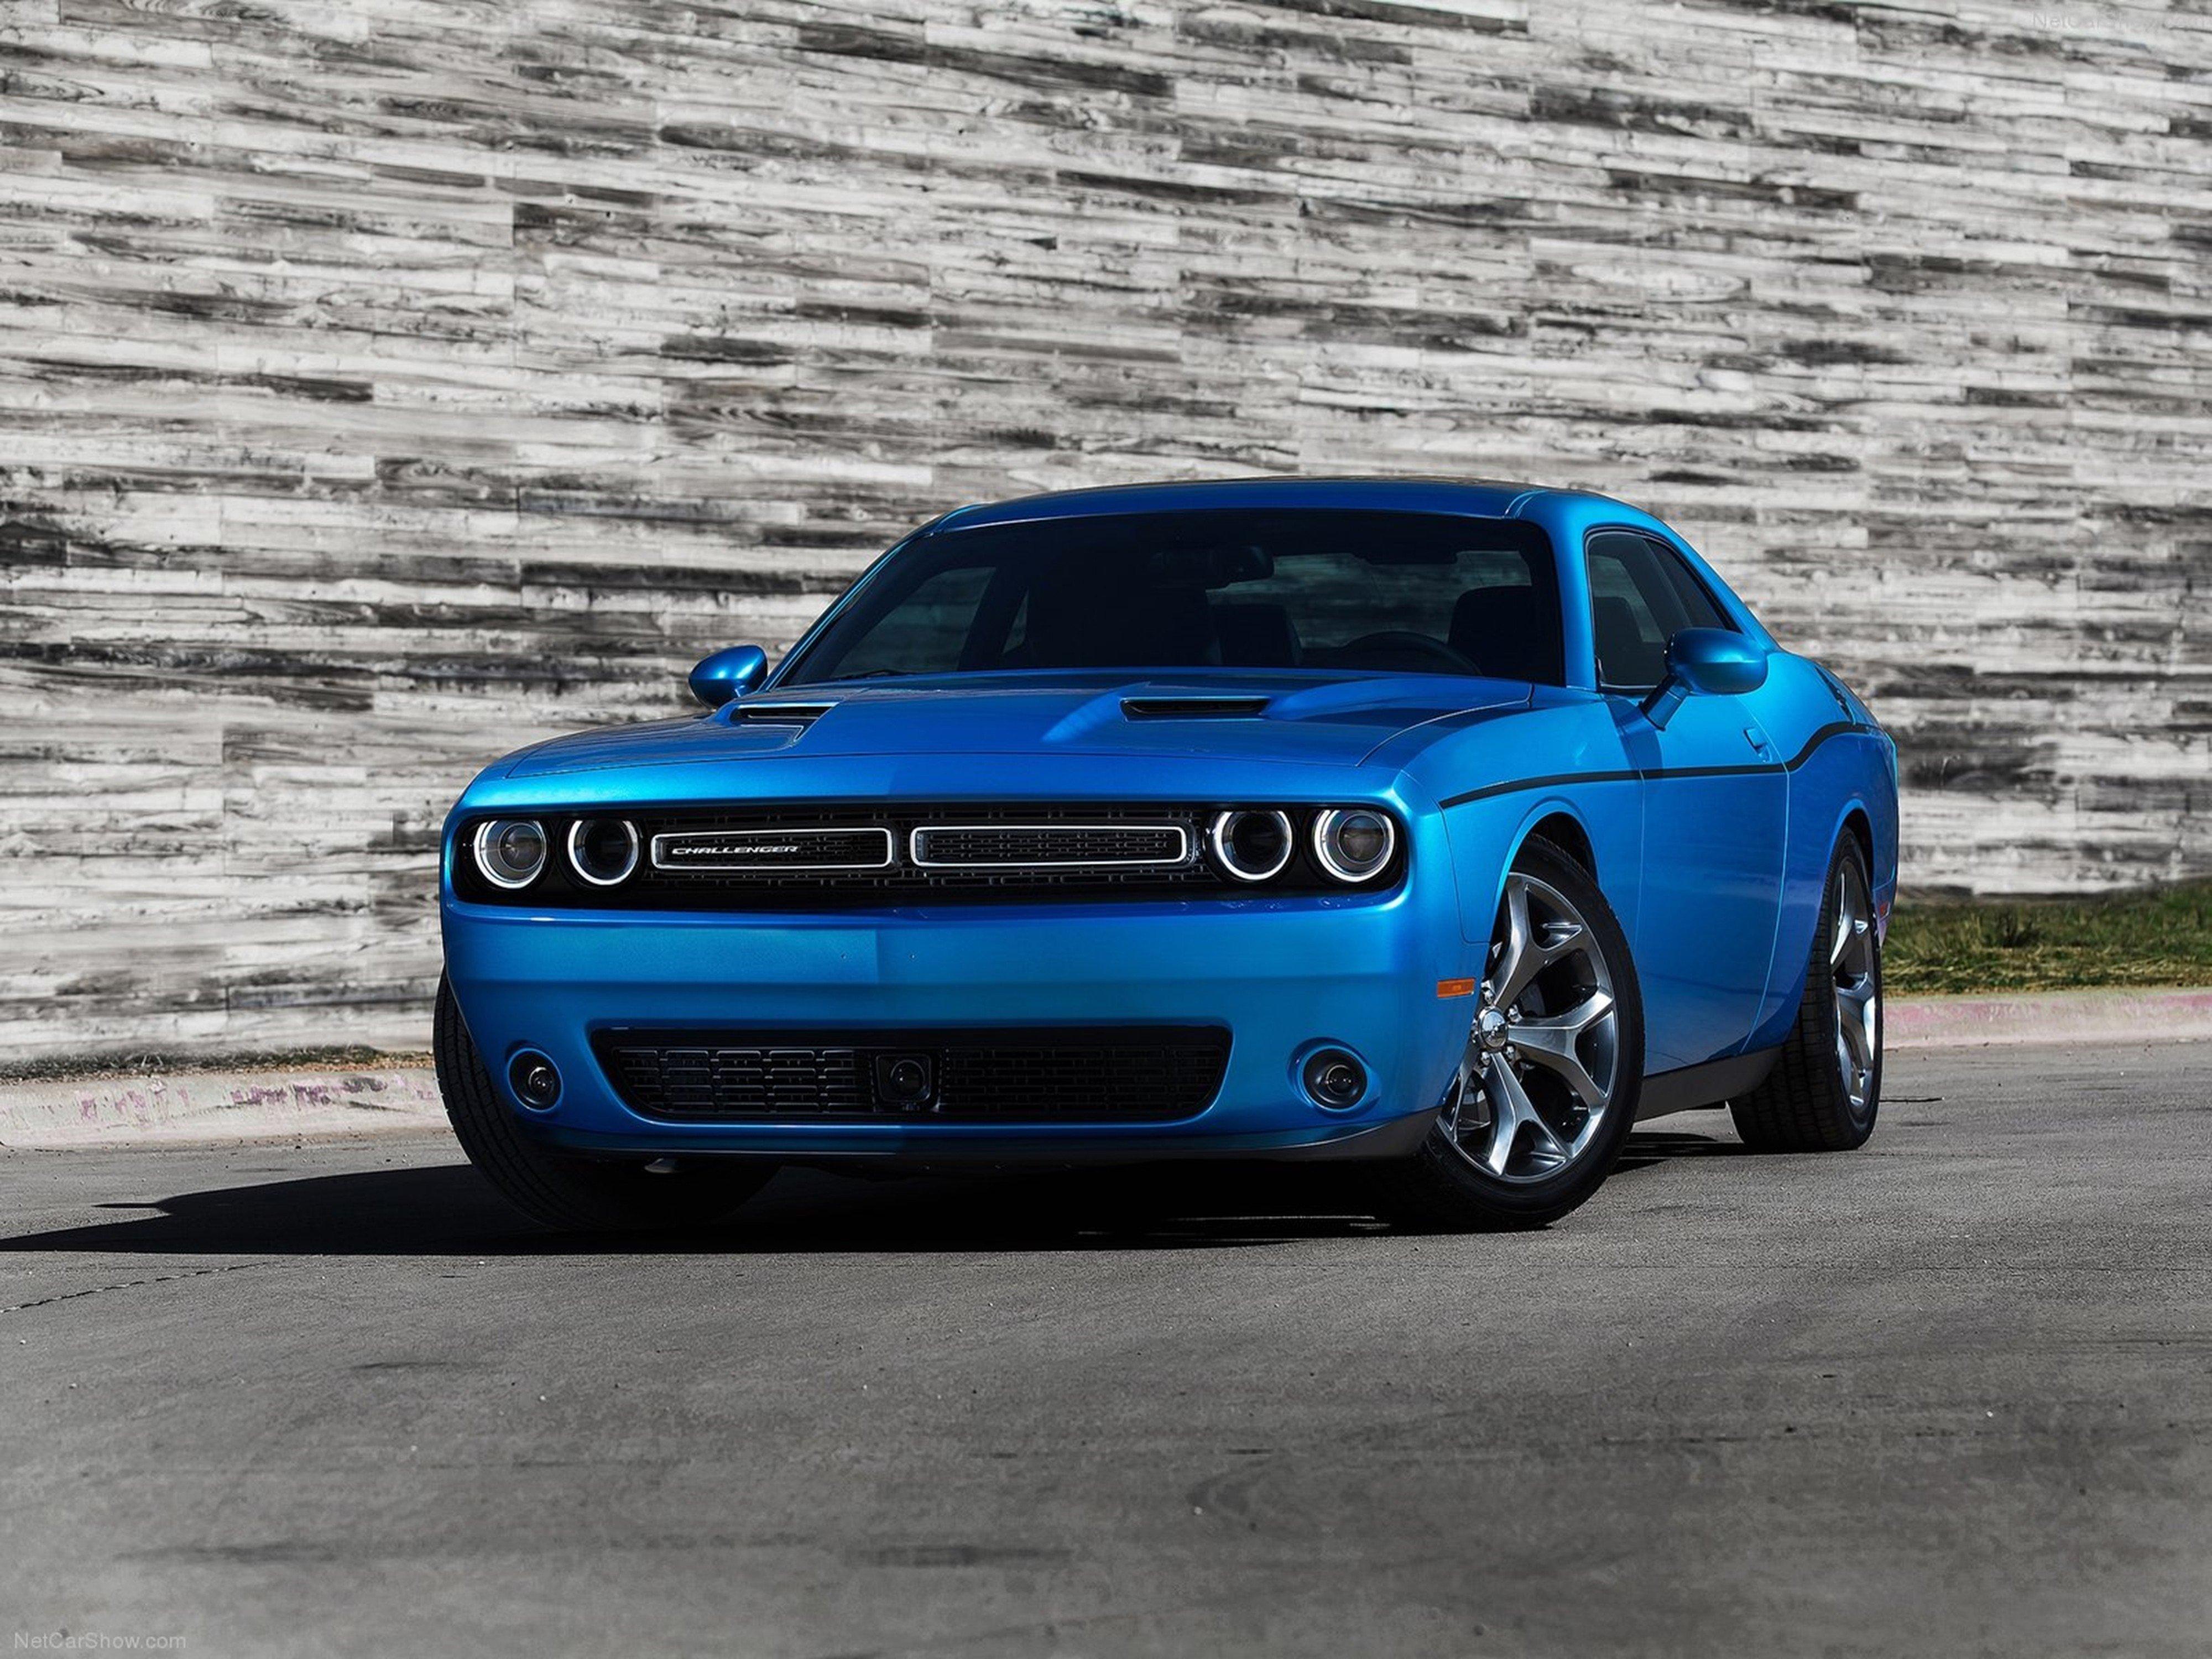 Dodge- Challenger 2015 muscle car wallpaper blue 4000x3000 wallpaper